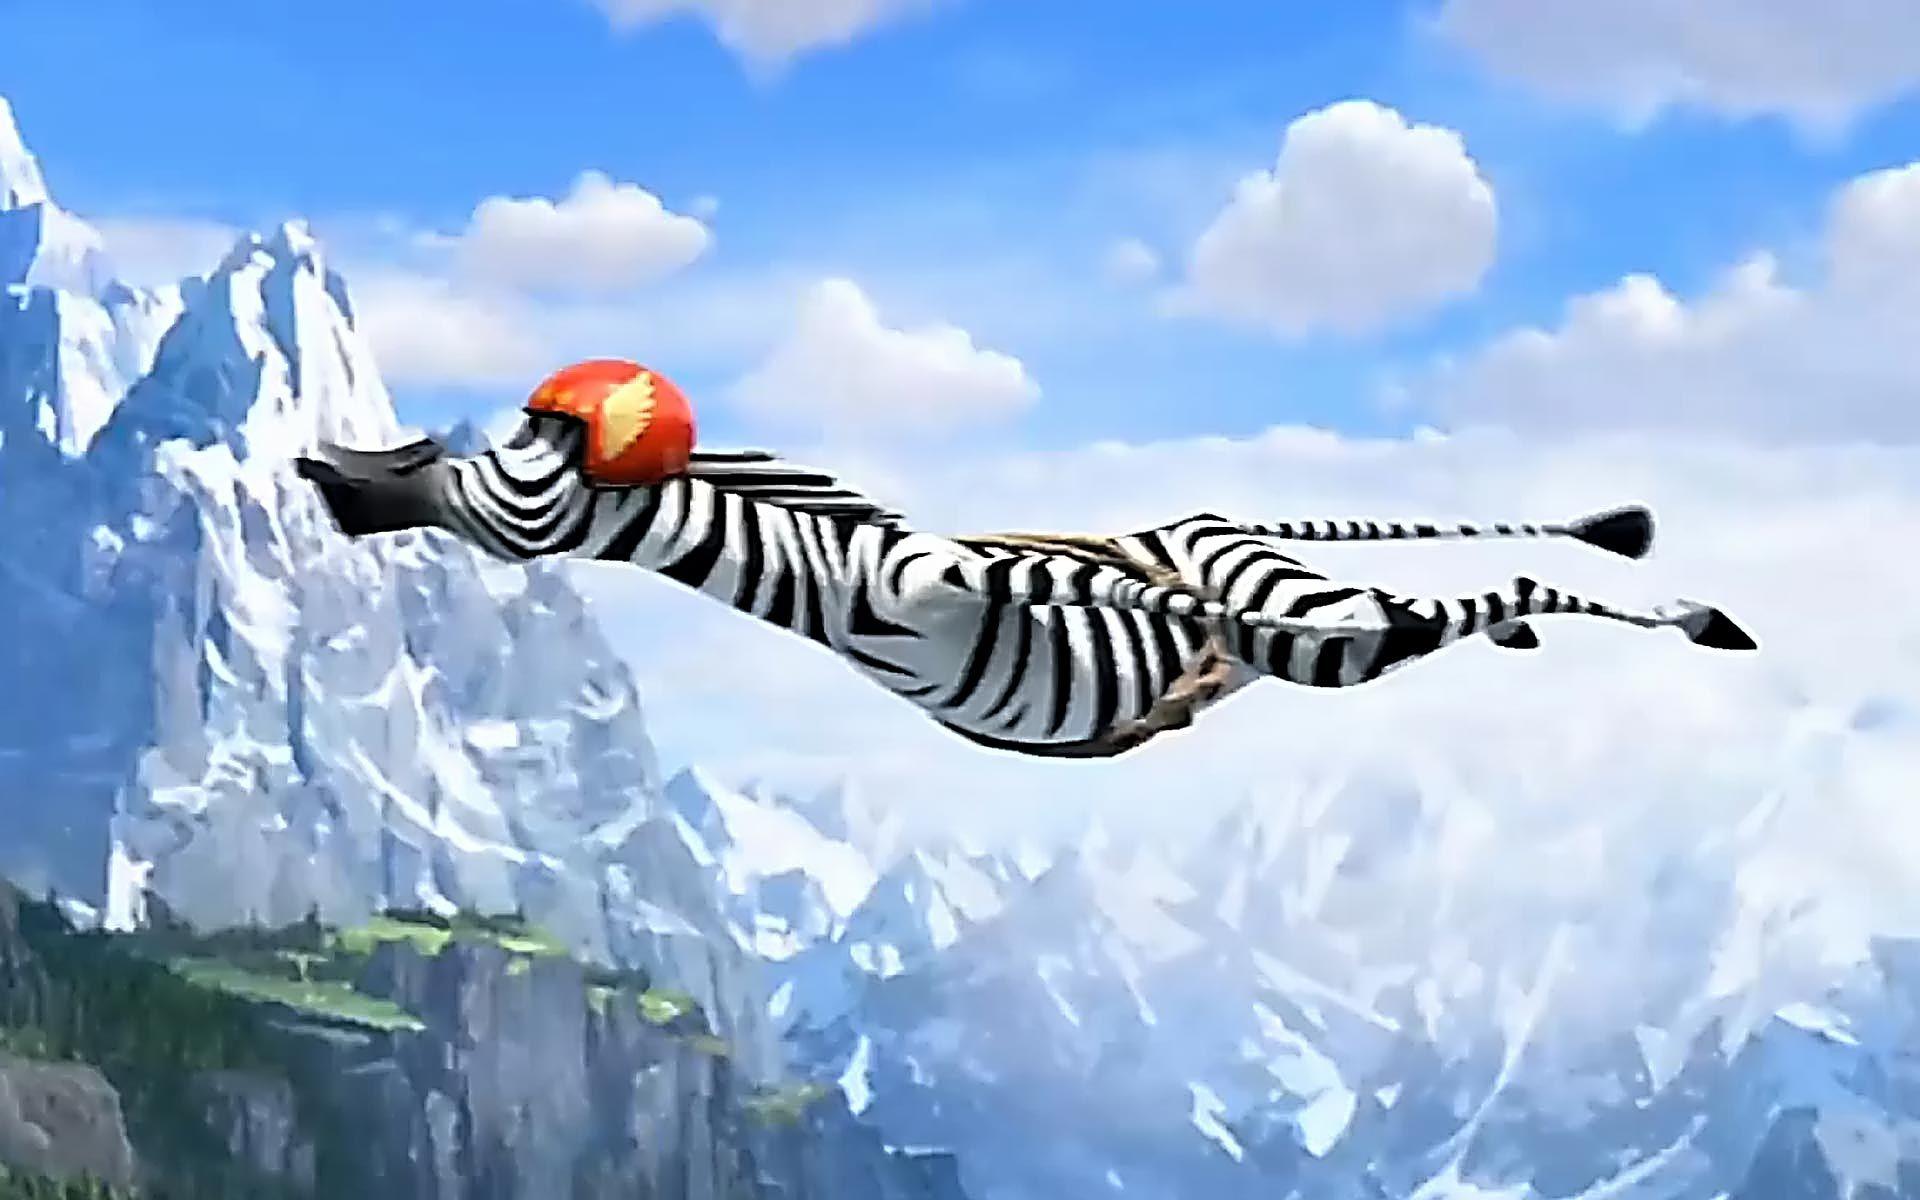 Madagascar 3 flying zebras downloads backgrounds